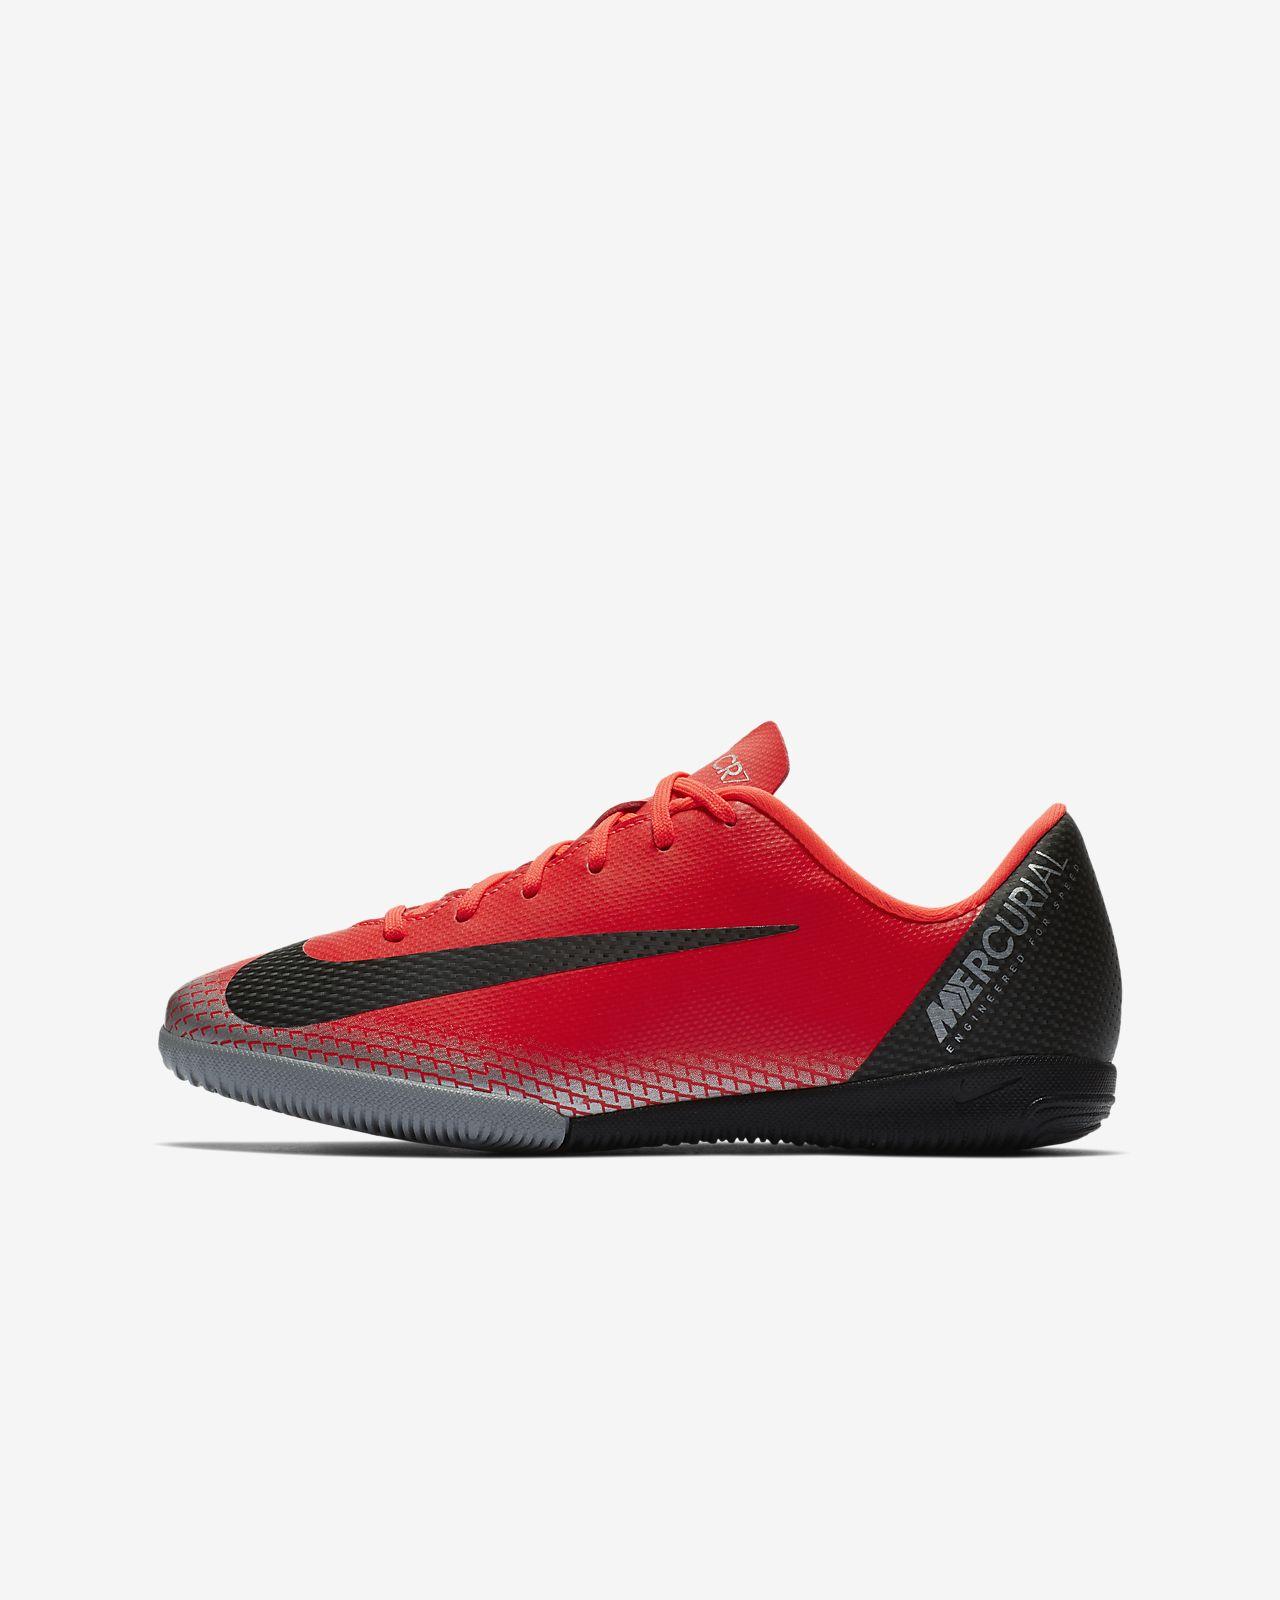 Halowe buty piłkarskie dla małych / dużych dzieci Nike Jr. MercurialX Vapor XII Academy CR7